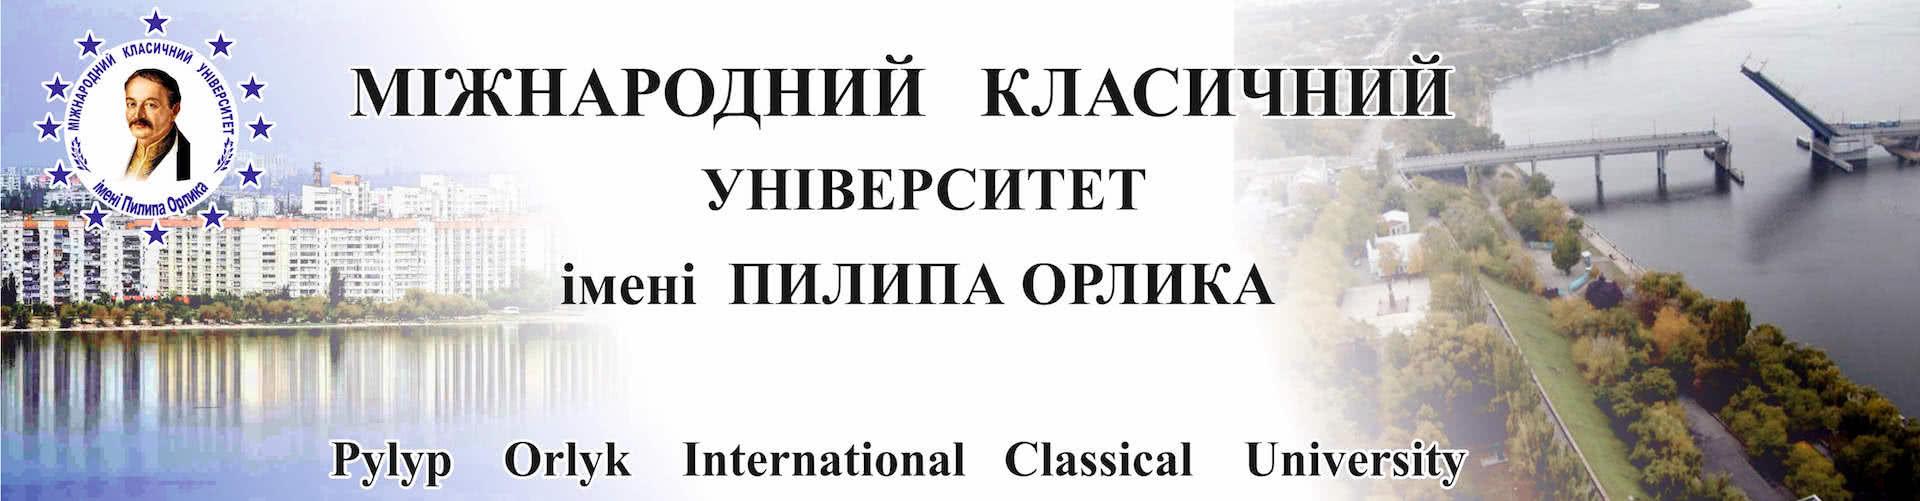 Міжнародний класичний університет ім. Пилипа Орлика